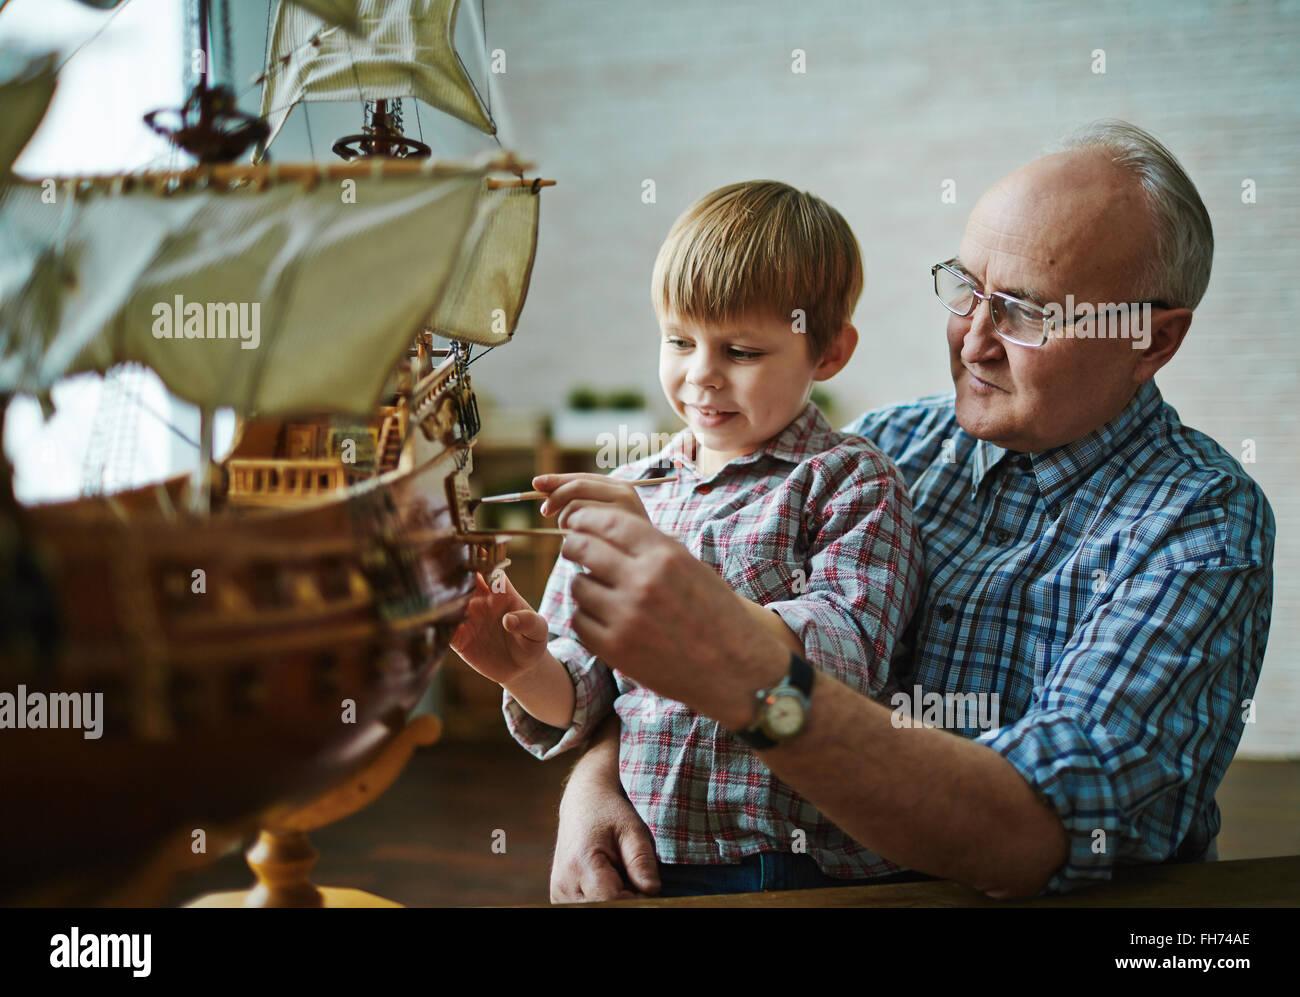 Kleiner Junge Malerei Spielzeug Schiff mit Hilfe der Großvater Stockfoto